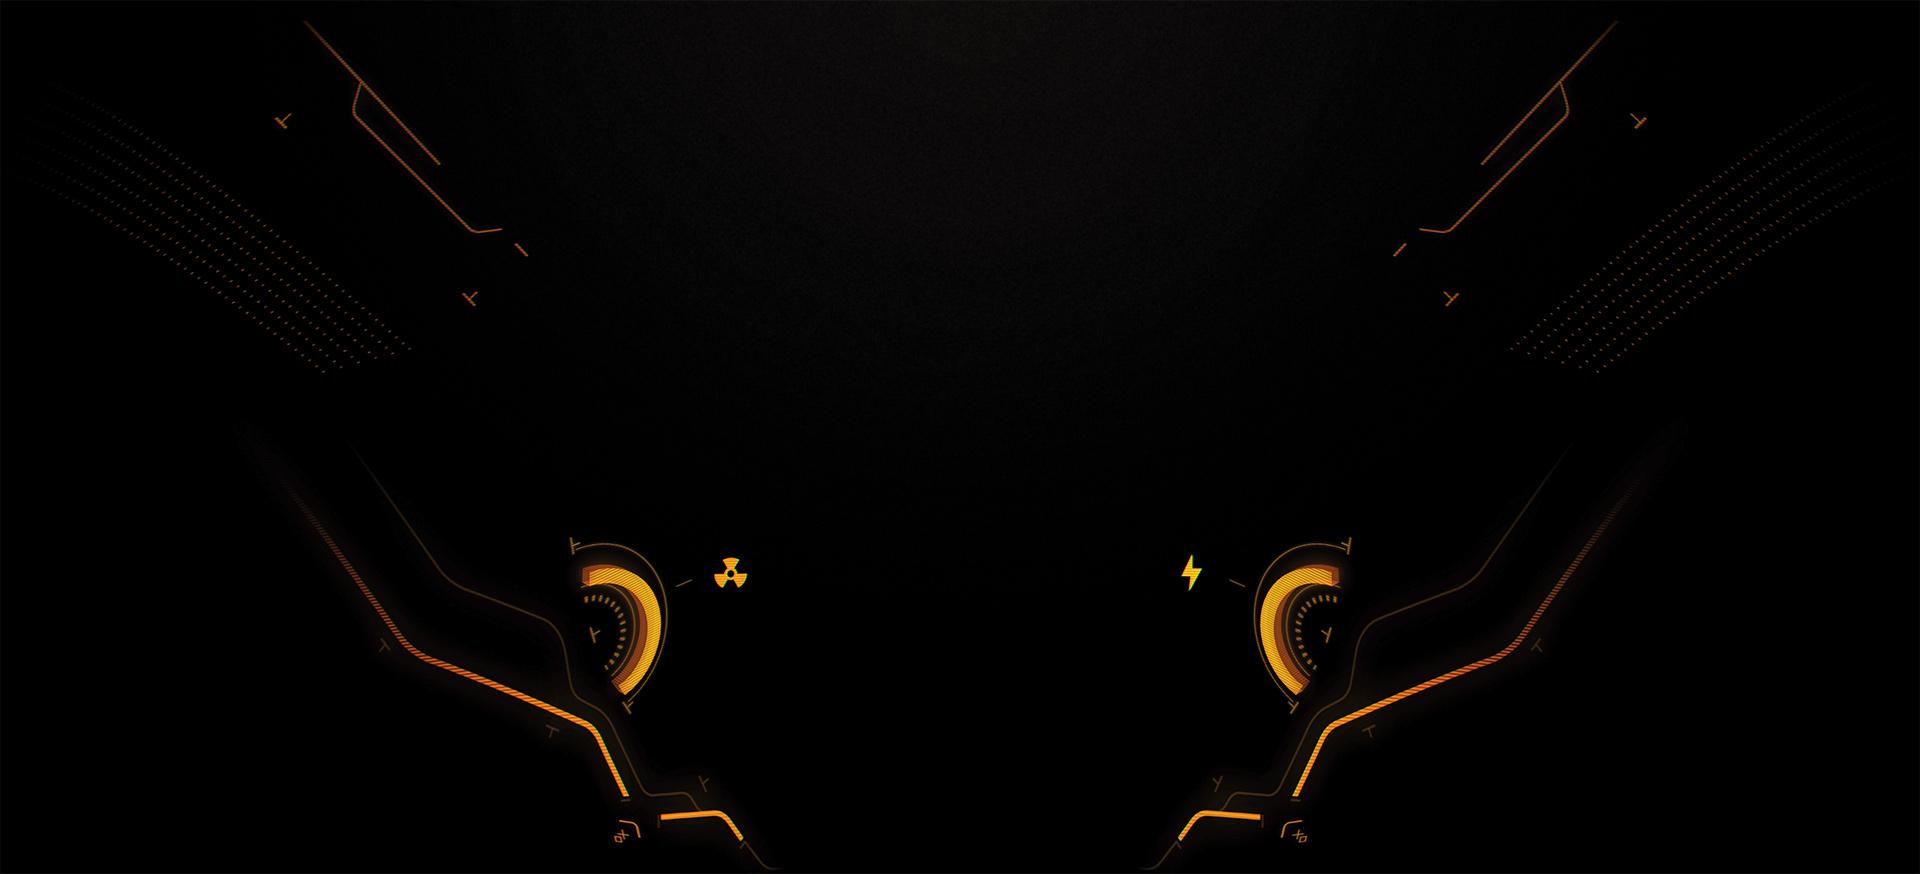 ui_hud_v4_art_pass_new_3Dmodel_01